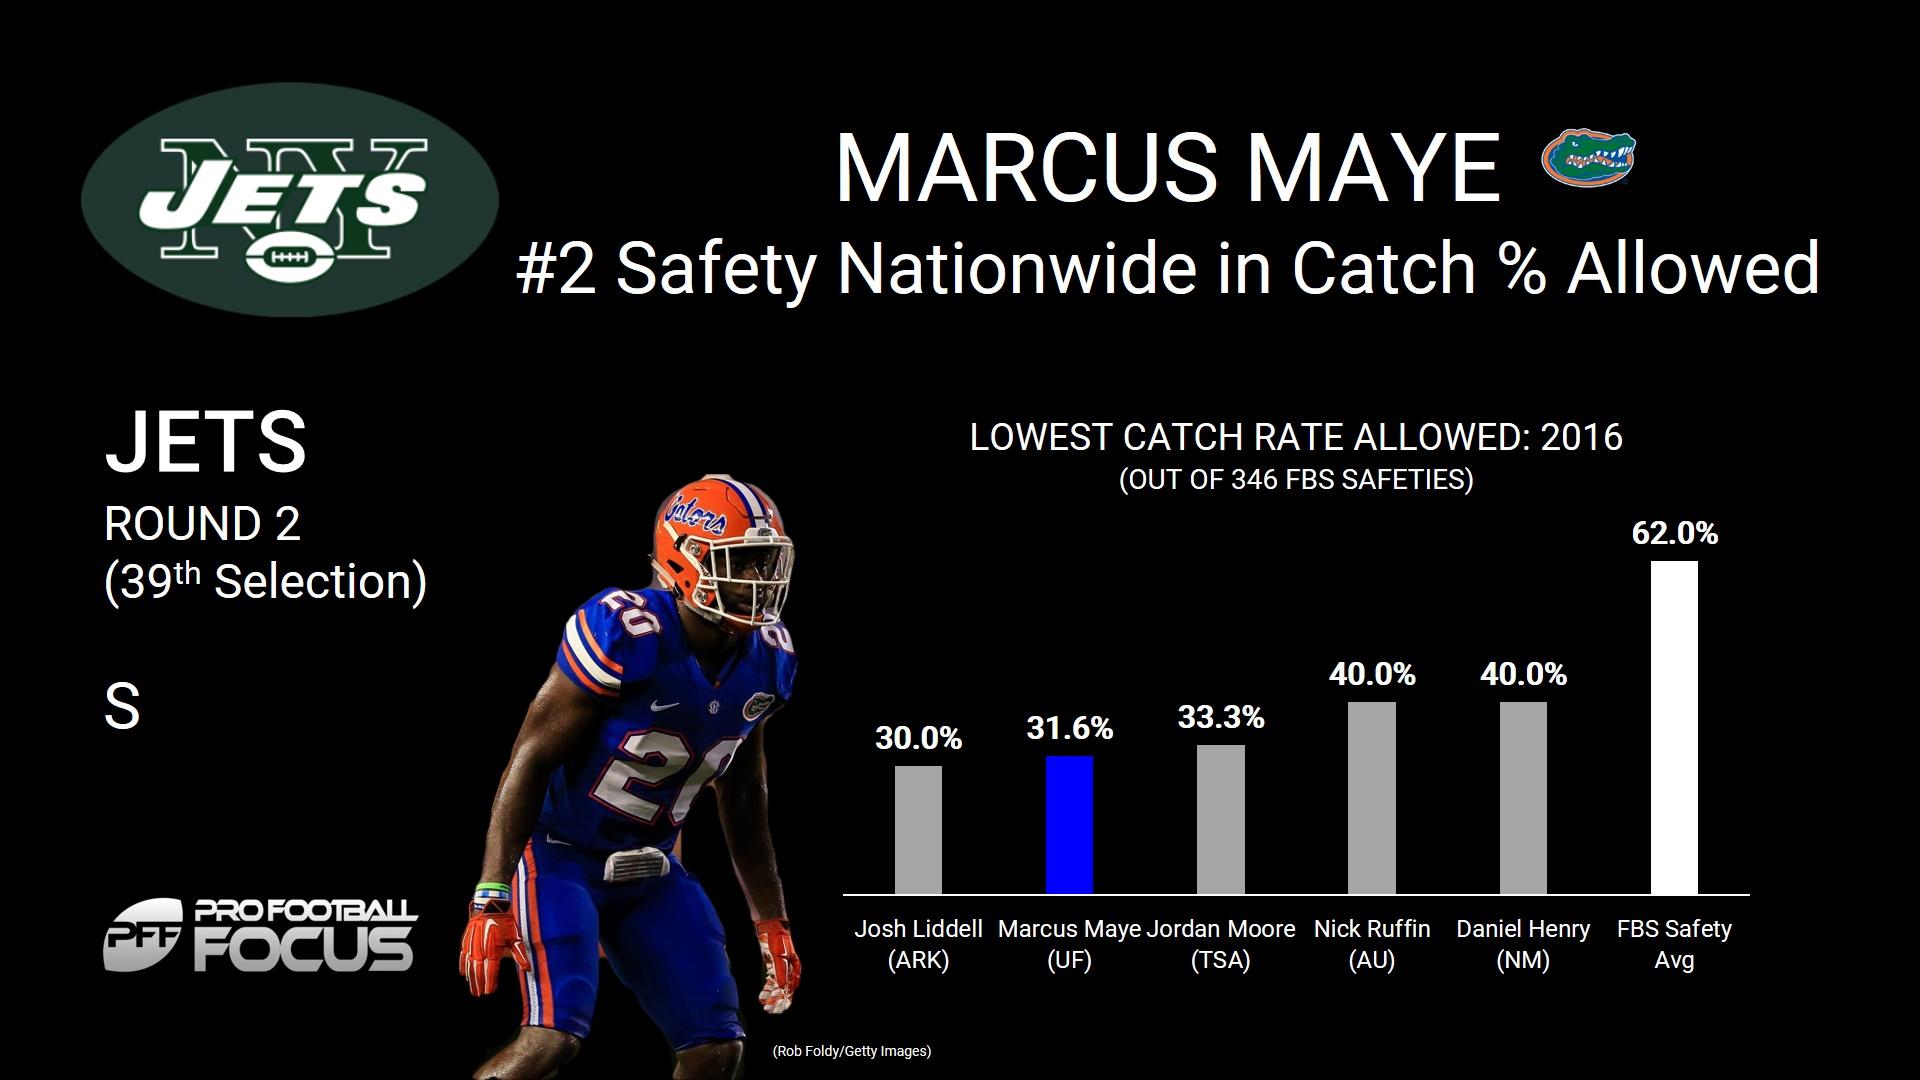 Marcus Maye